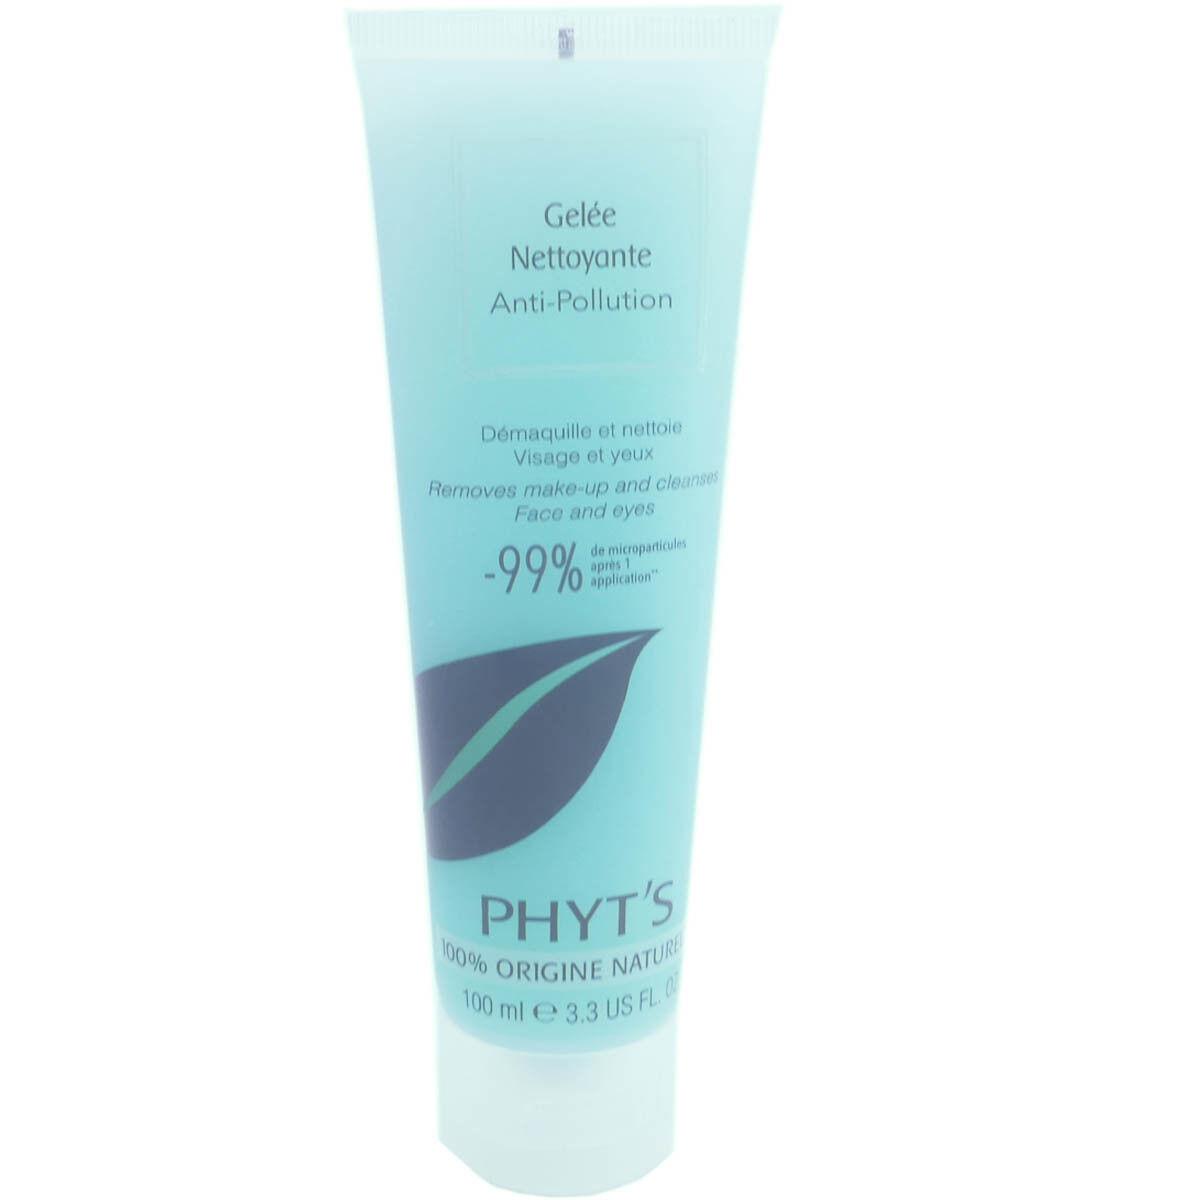 Phyt's gelee nettoyante anti-pollution visage & yeux 100ml